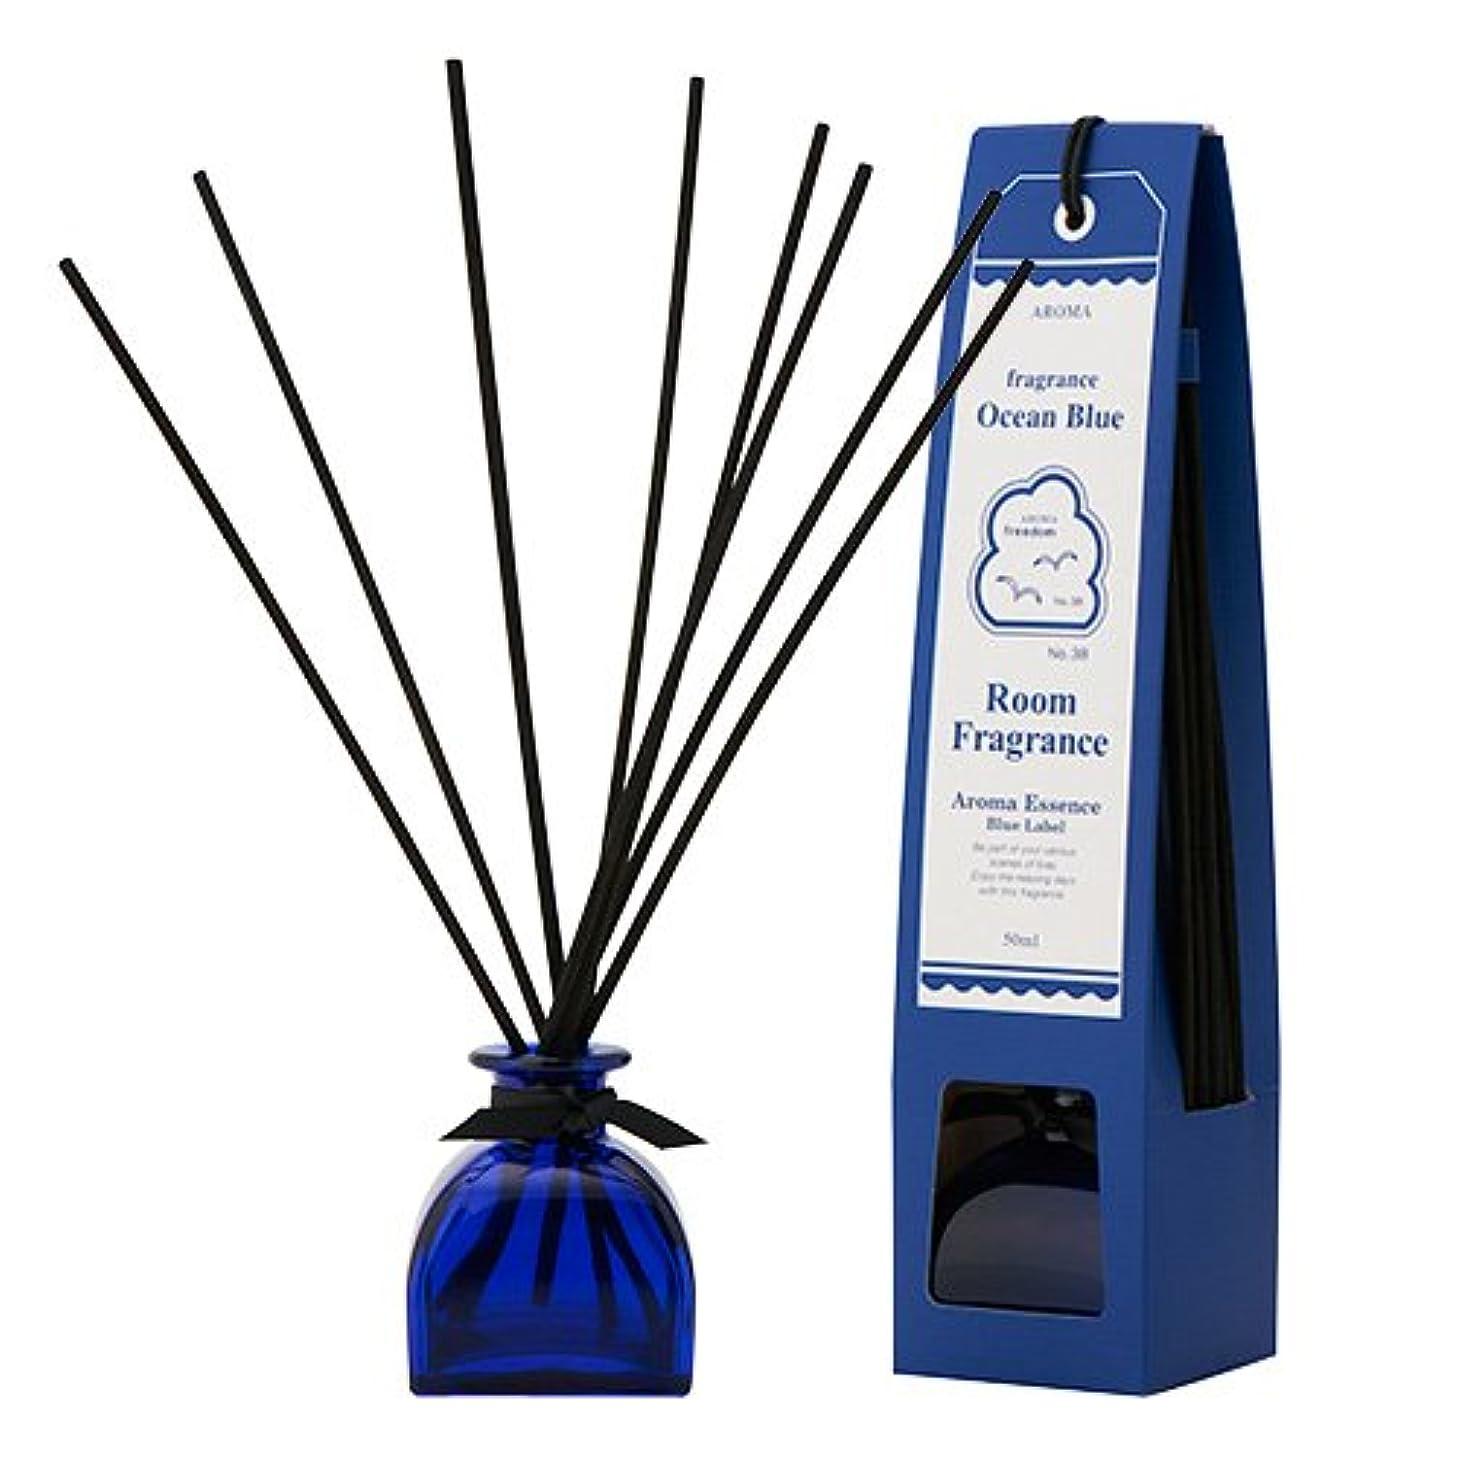 ゆりかごシャークガスブルーラベル ルームフレグランス オーシャンブルー 50ml(芳香剤 リードディフューザー 海の爽快さを思い出させる香り)